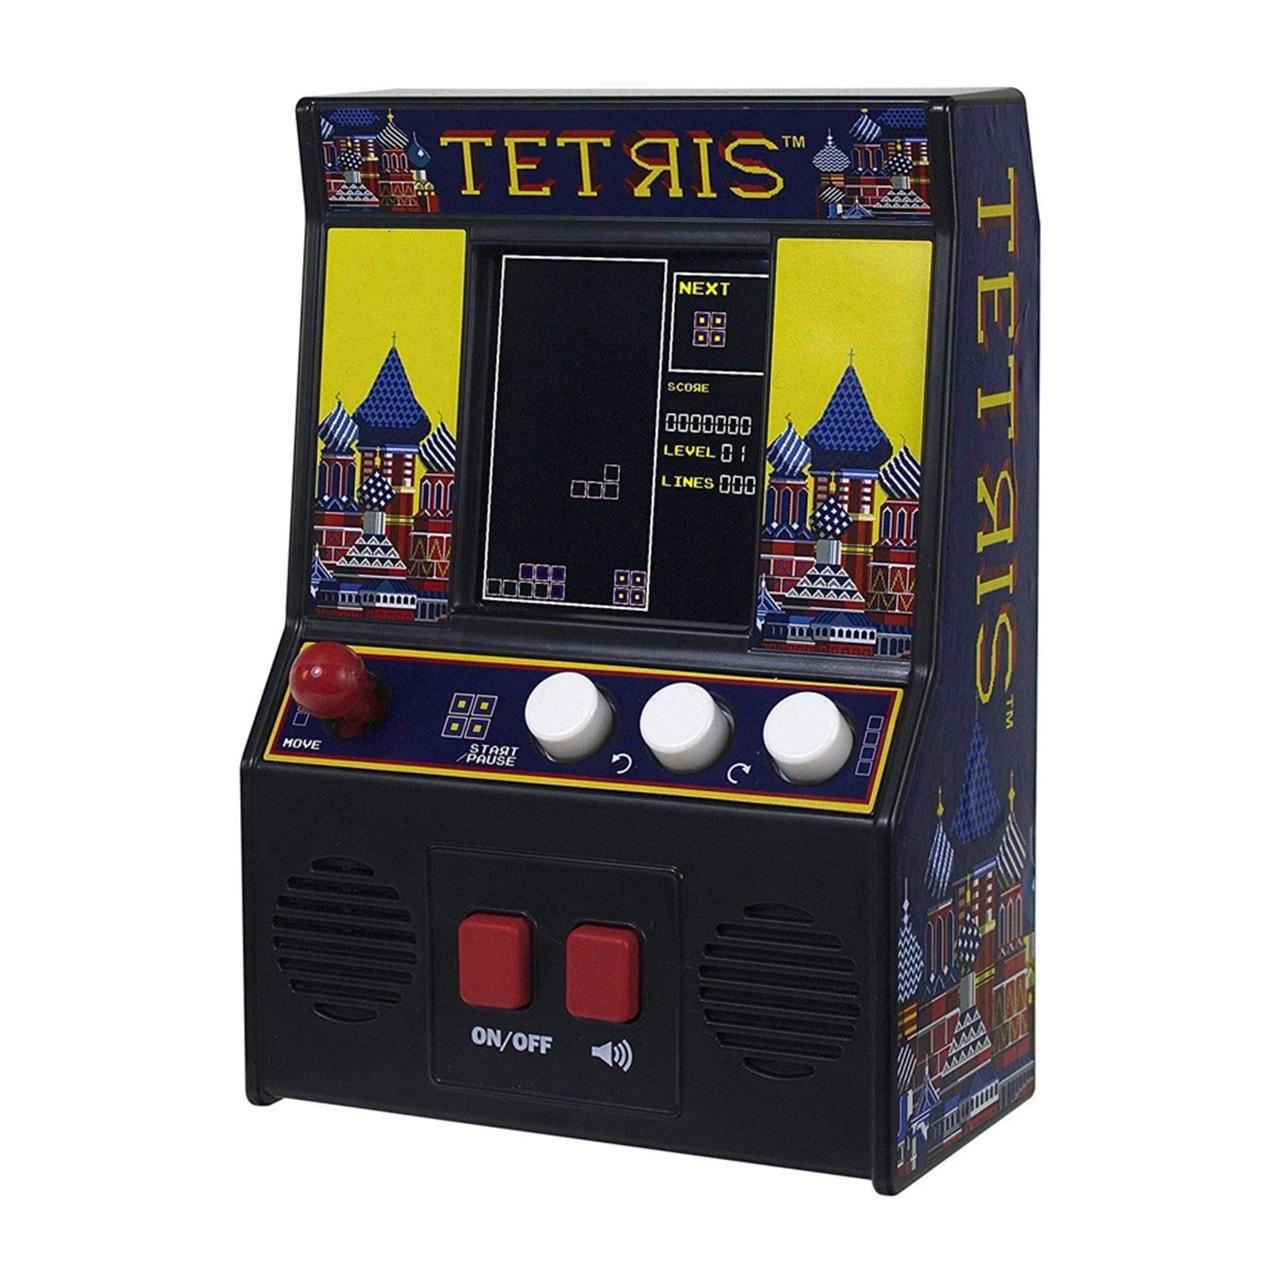 Tetris: Mini-Arcade Electronic Game - 1